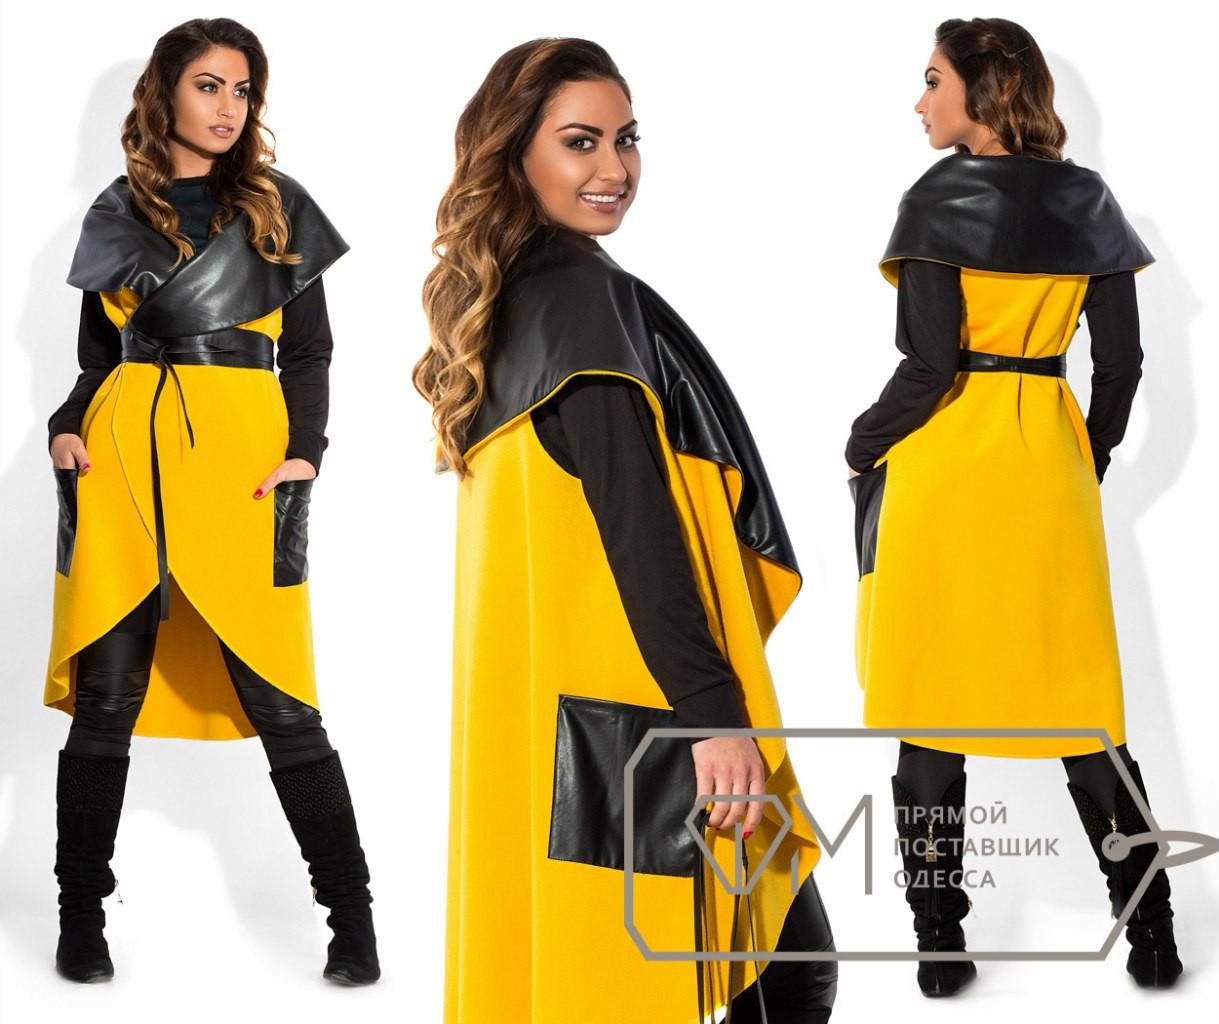 Сбор заказов. Фабрика моды для самых изысканных модниц. Женская одежда от 42 до 56 размера на любой сезон и случай - 3 выкуп